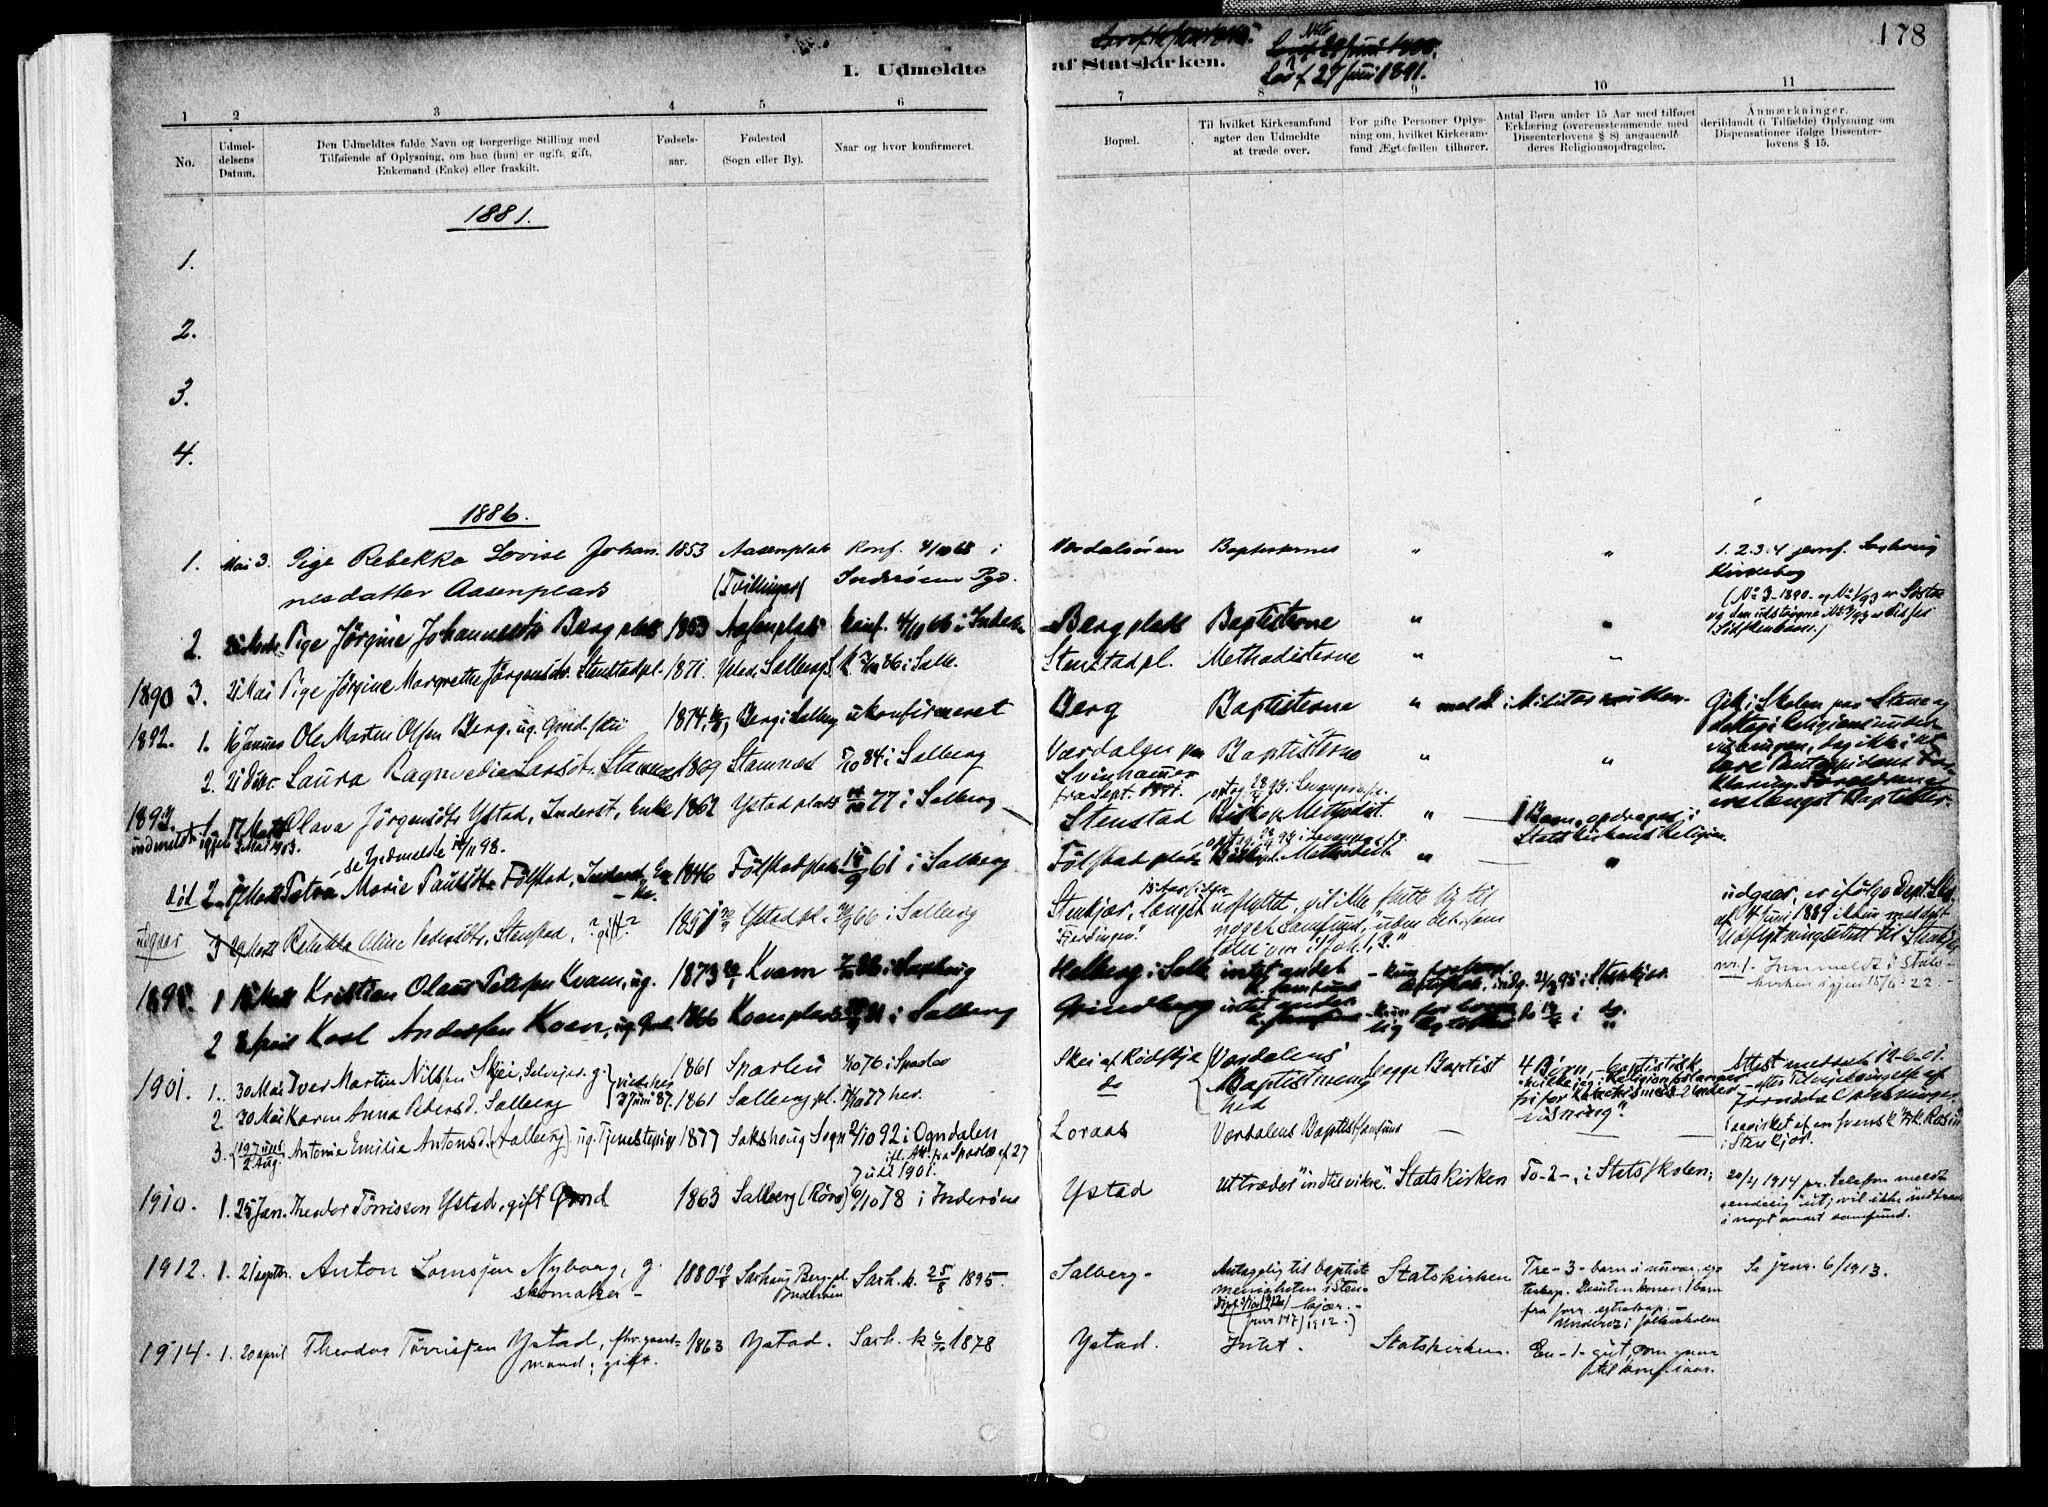 SAT, Ministerialprotokoller, klokkerbøker og fødselsregistre - Nord-Trøndelag, 731/L0309: Ministerialbok nr. 731A01, 1879-1918, s. 178